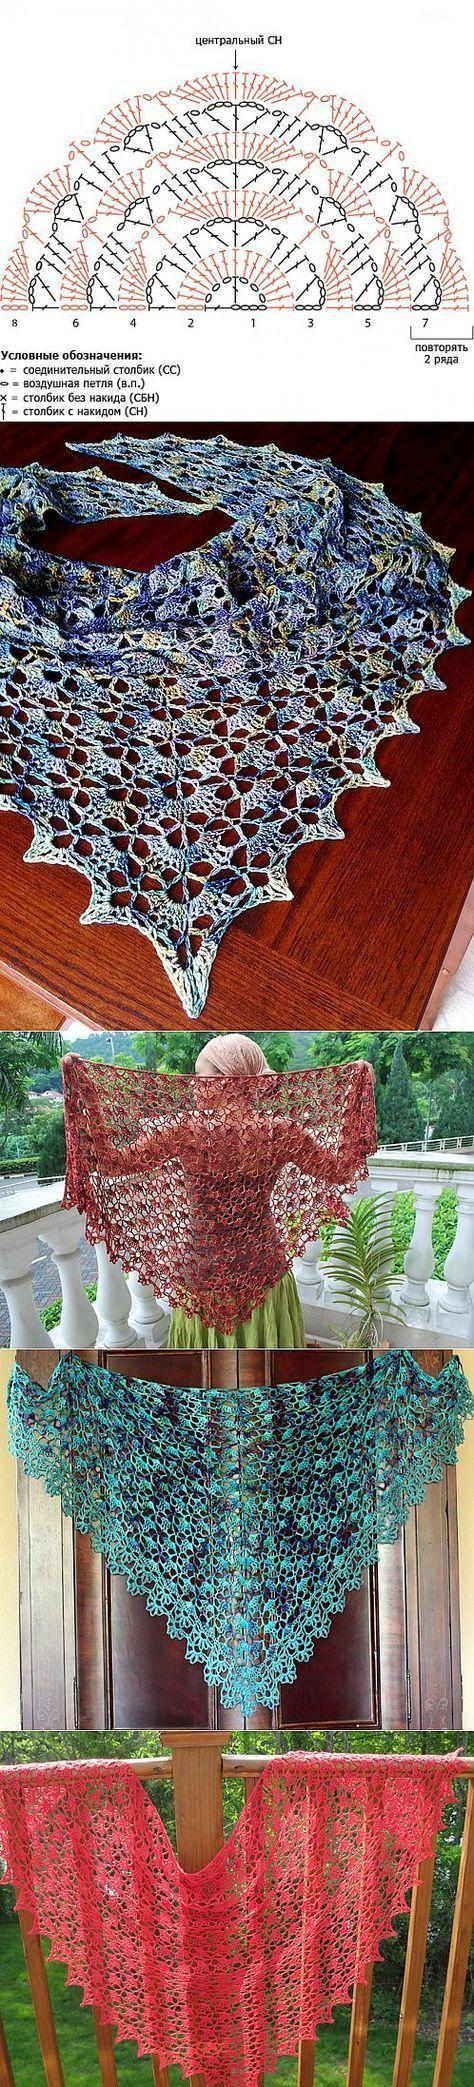 Muster für Poncho von oben gearbeitet | Poncho häkeln anleitung kostenlos, Poncho häkeln, Poncho muster #crochetshawlpatterns